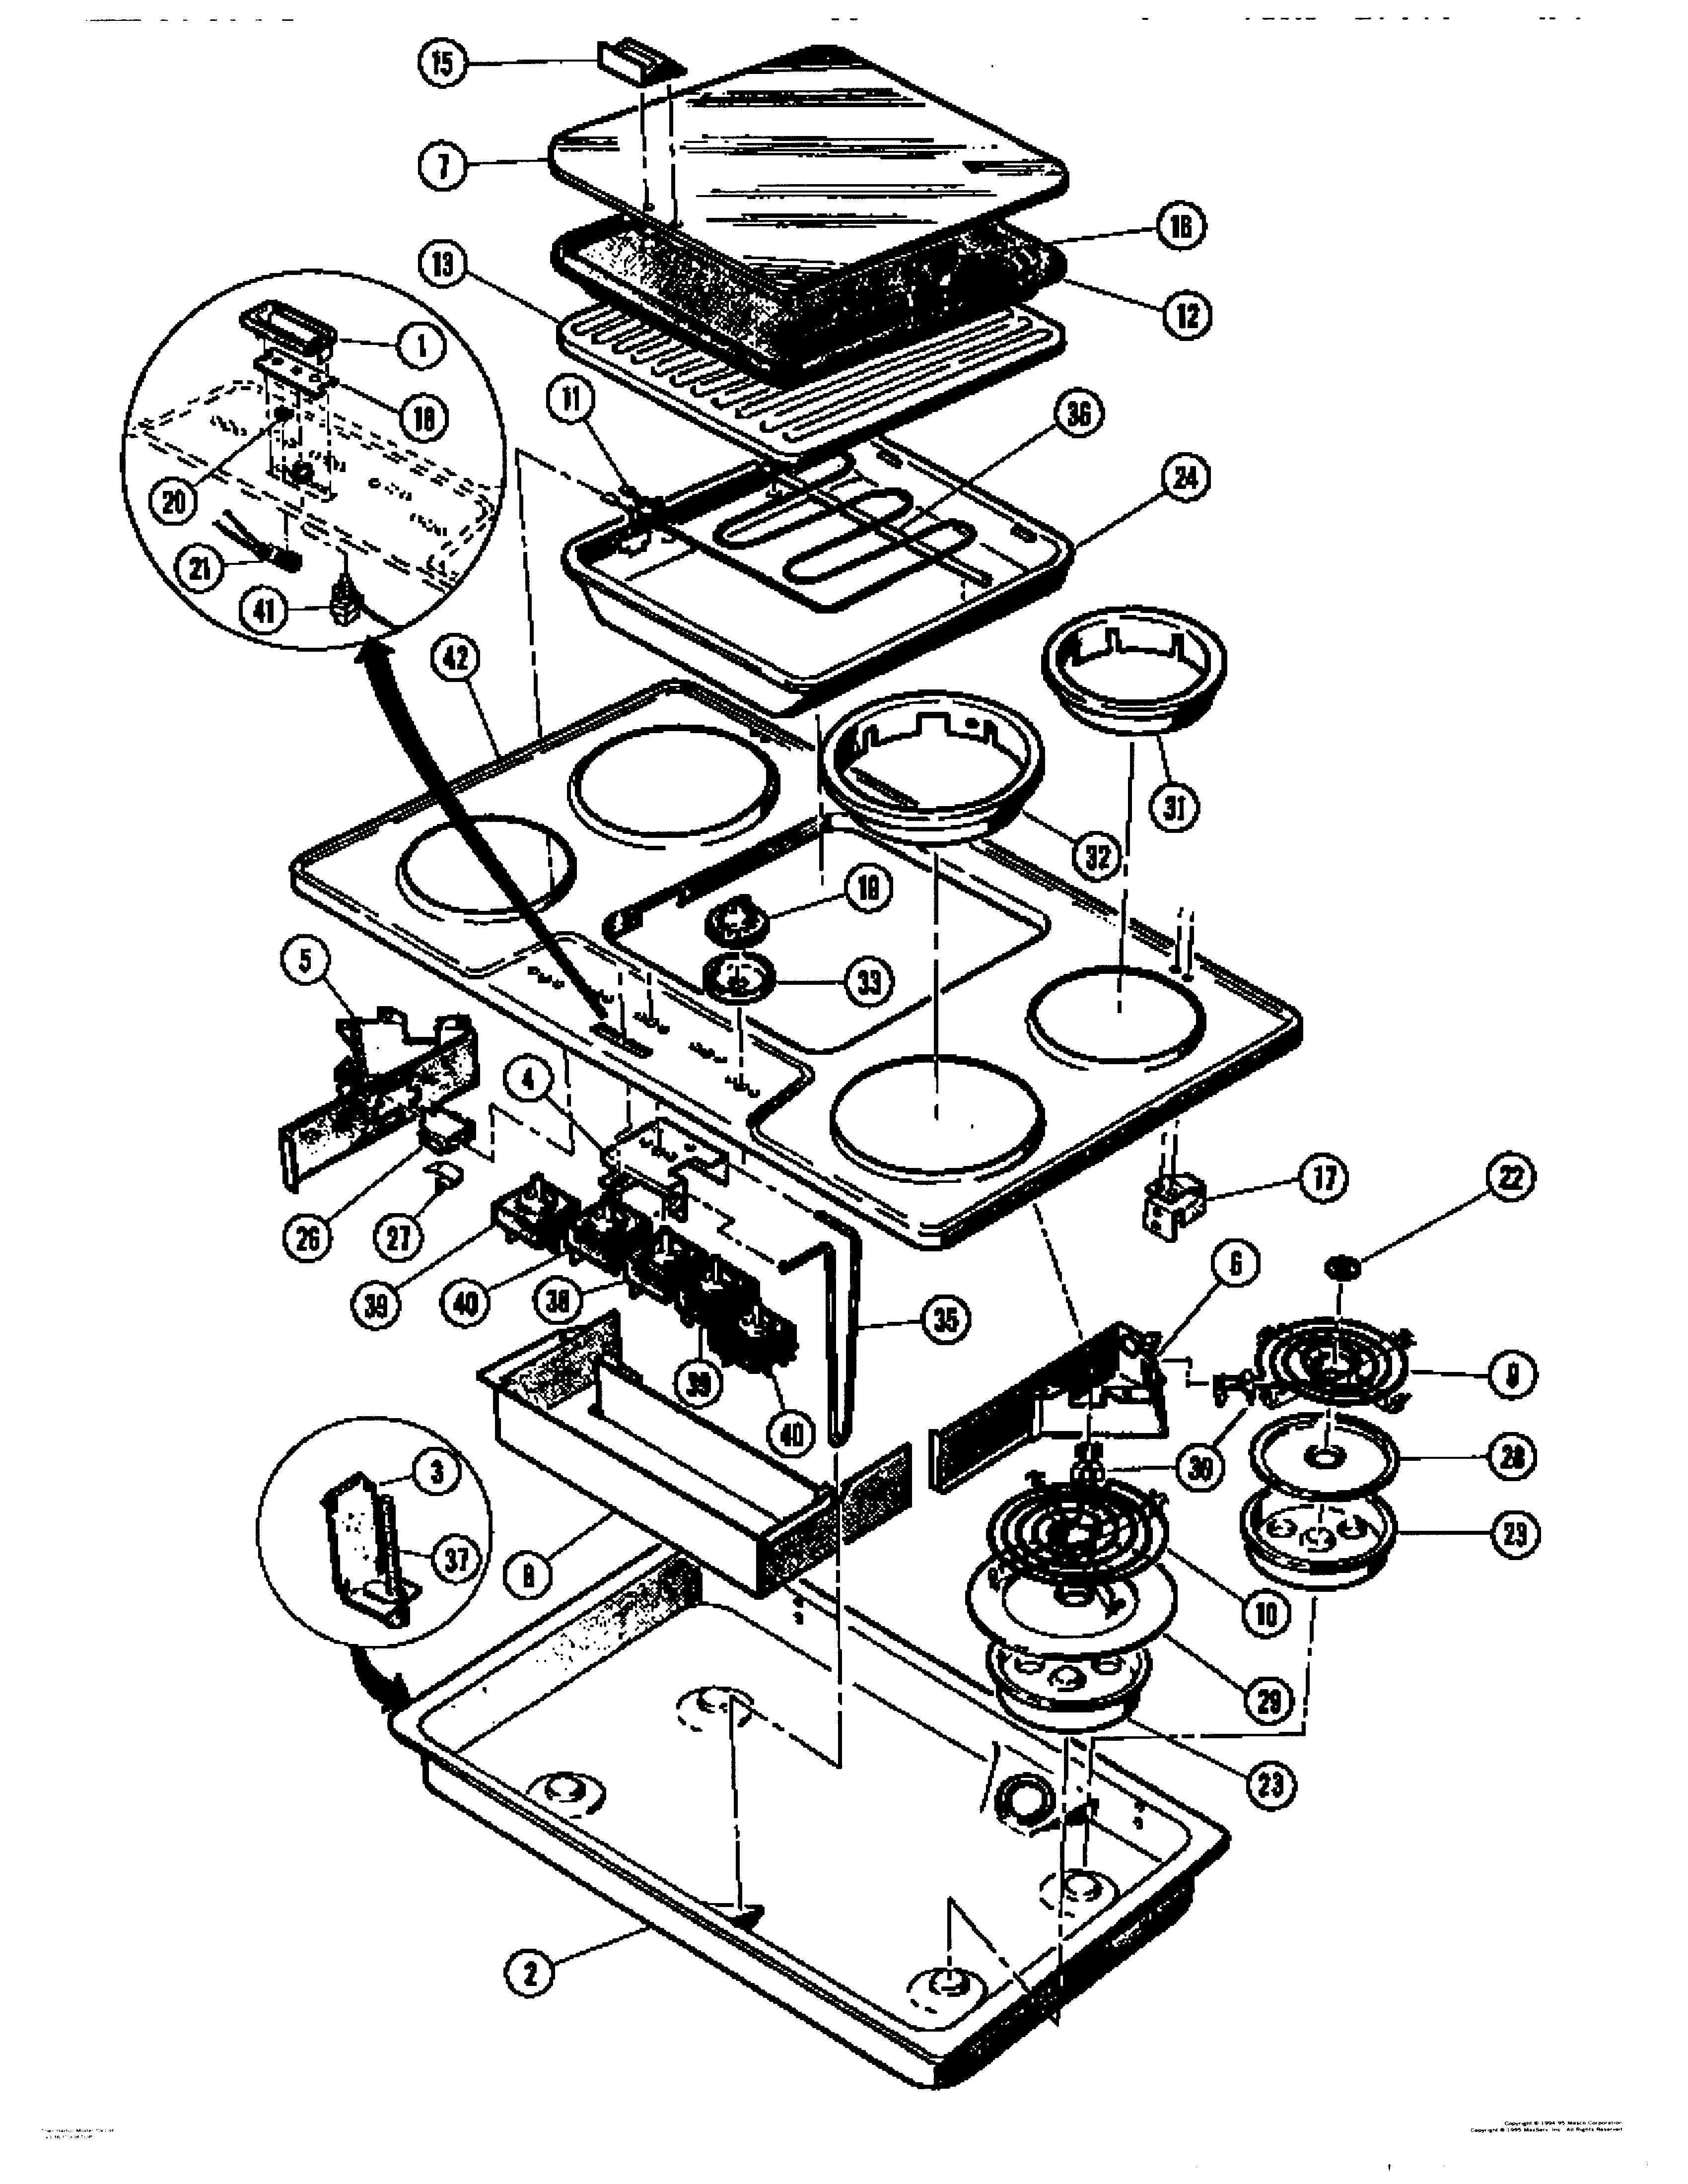 Bosch Dishwasher Parts: September 2014